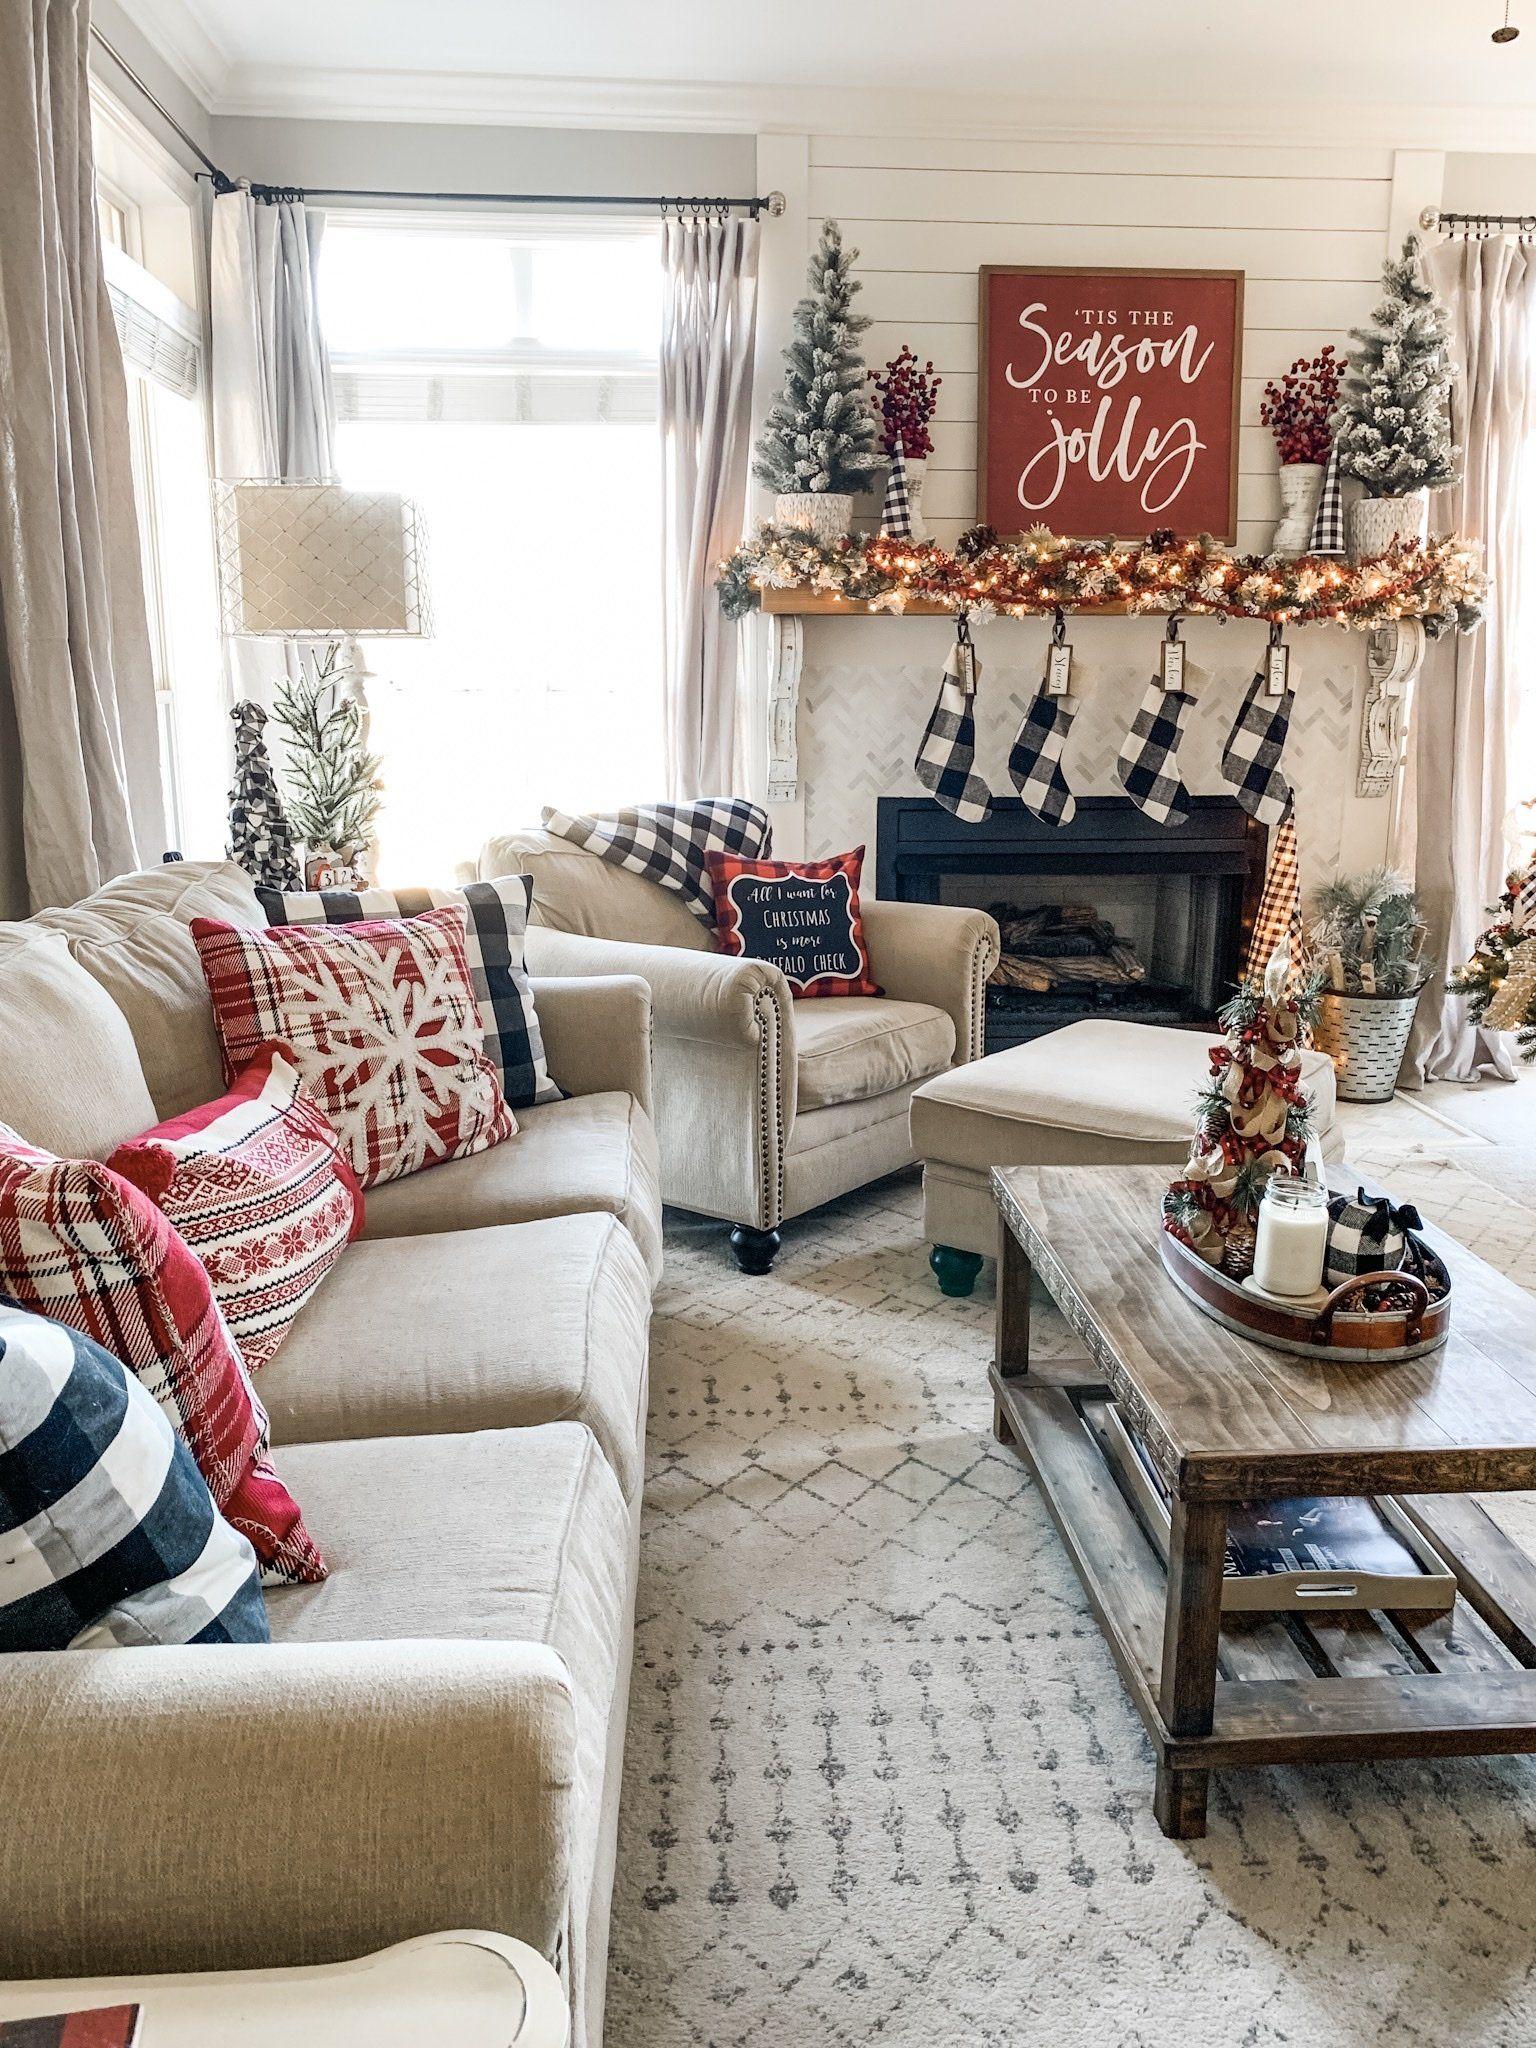 Christmas Living Room Inspiration Christmas Decorations Living Room Christmas Living Rooms Holiday Living Room Living room holiday decor